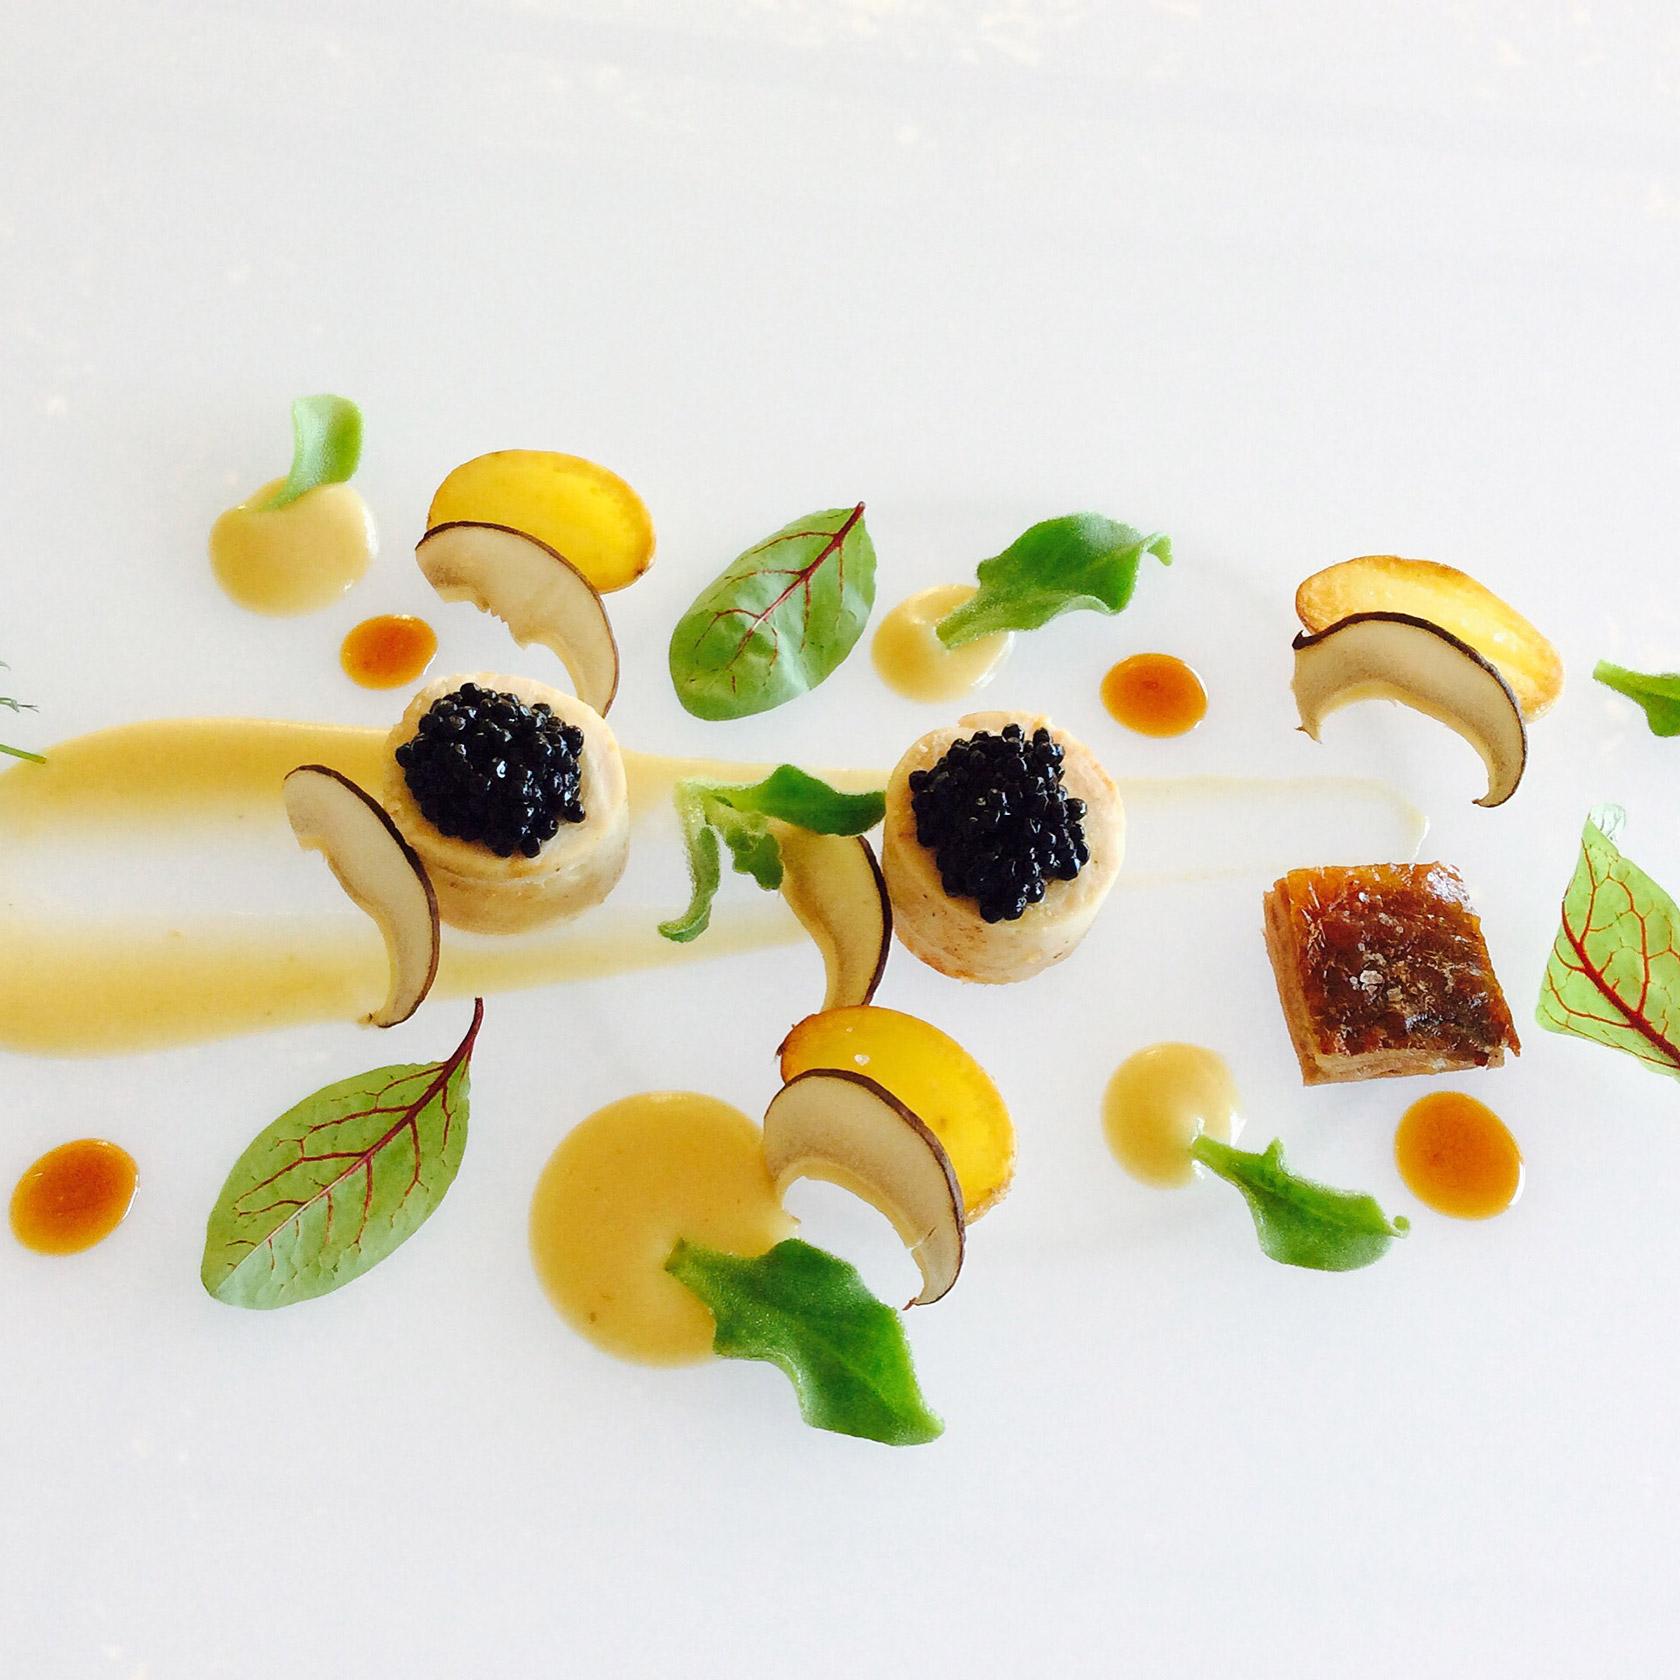 arnolfo-ristorante-gourmet-menu-gaetano-trovato-chef